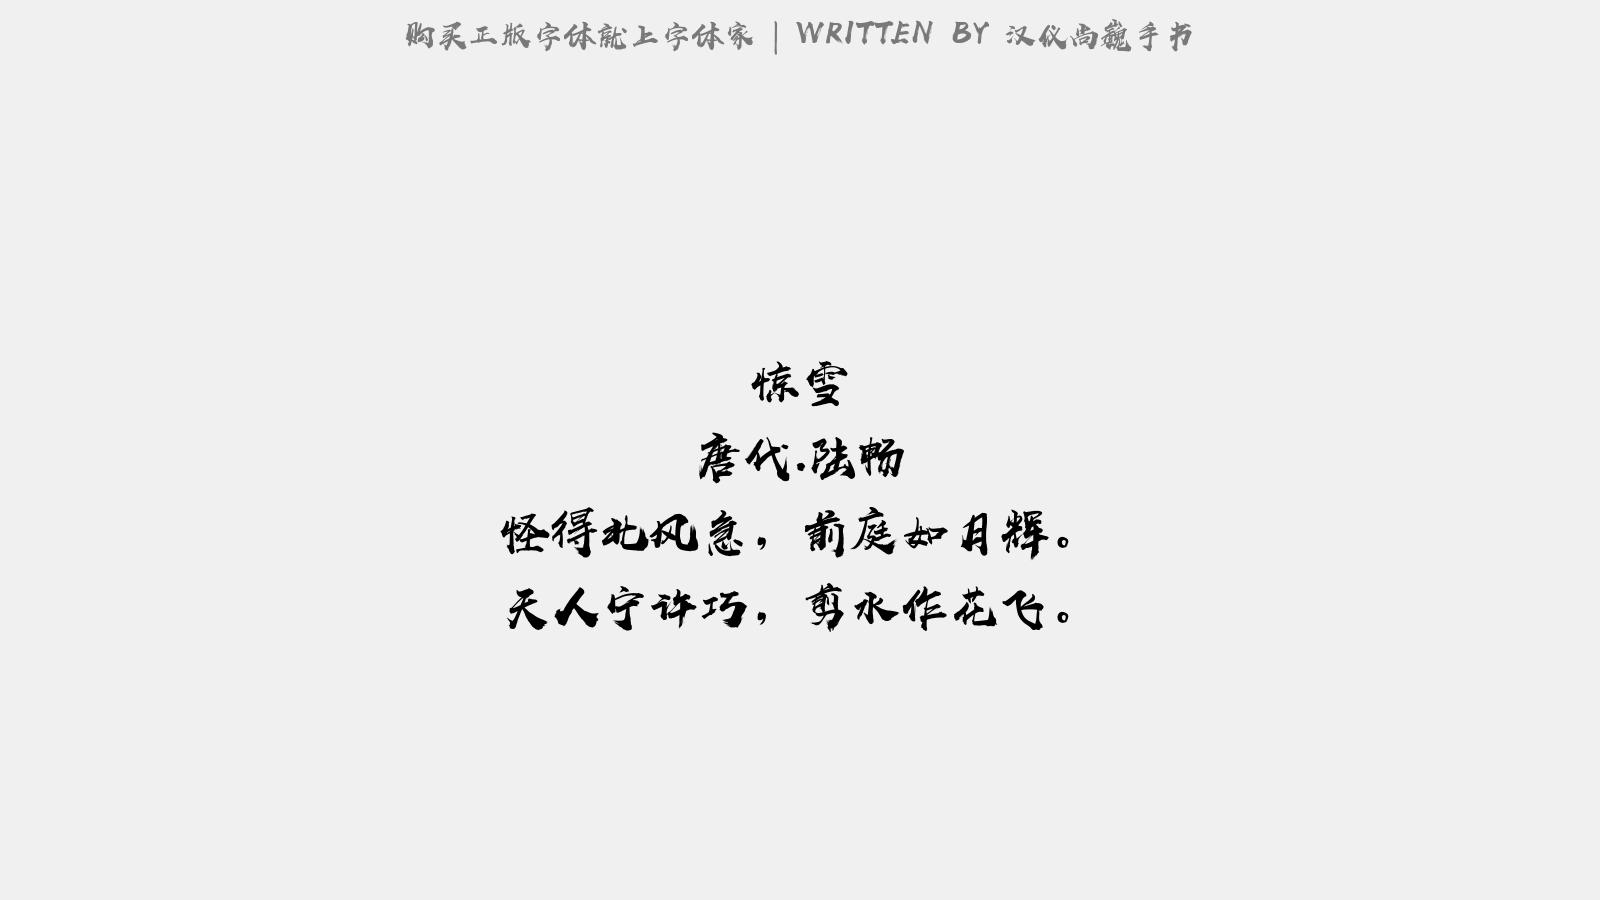 漢儀尚巍手書 - 驚雪